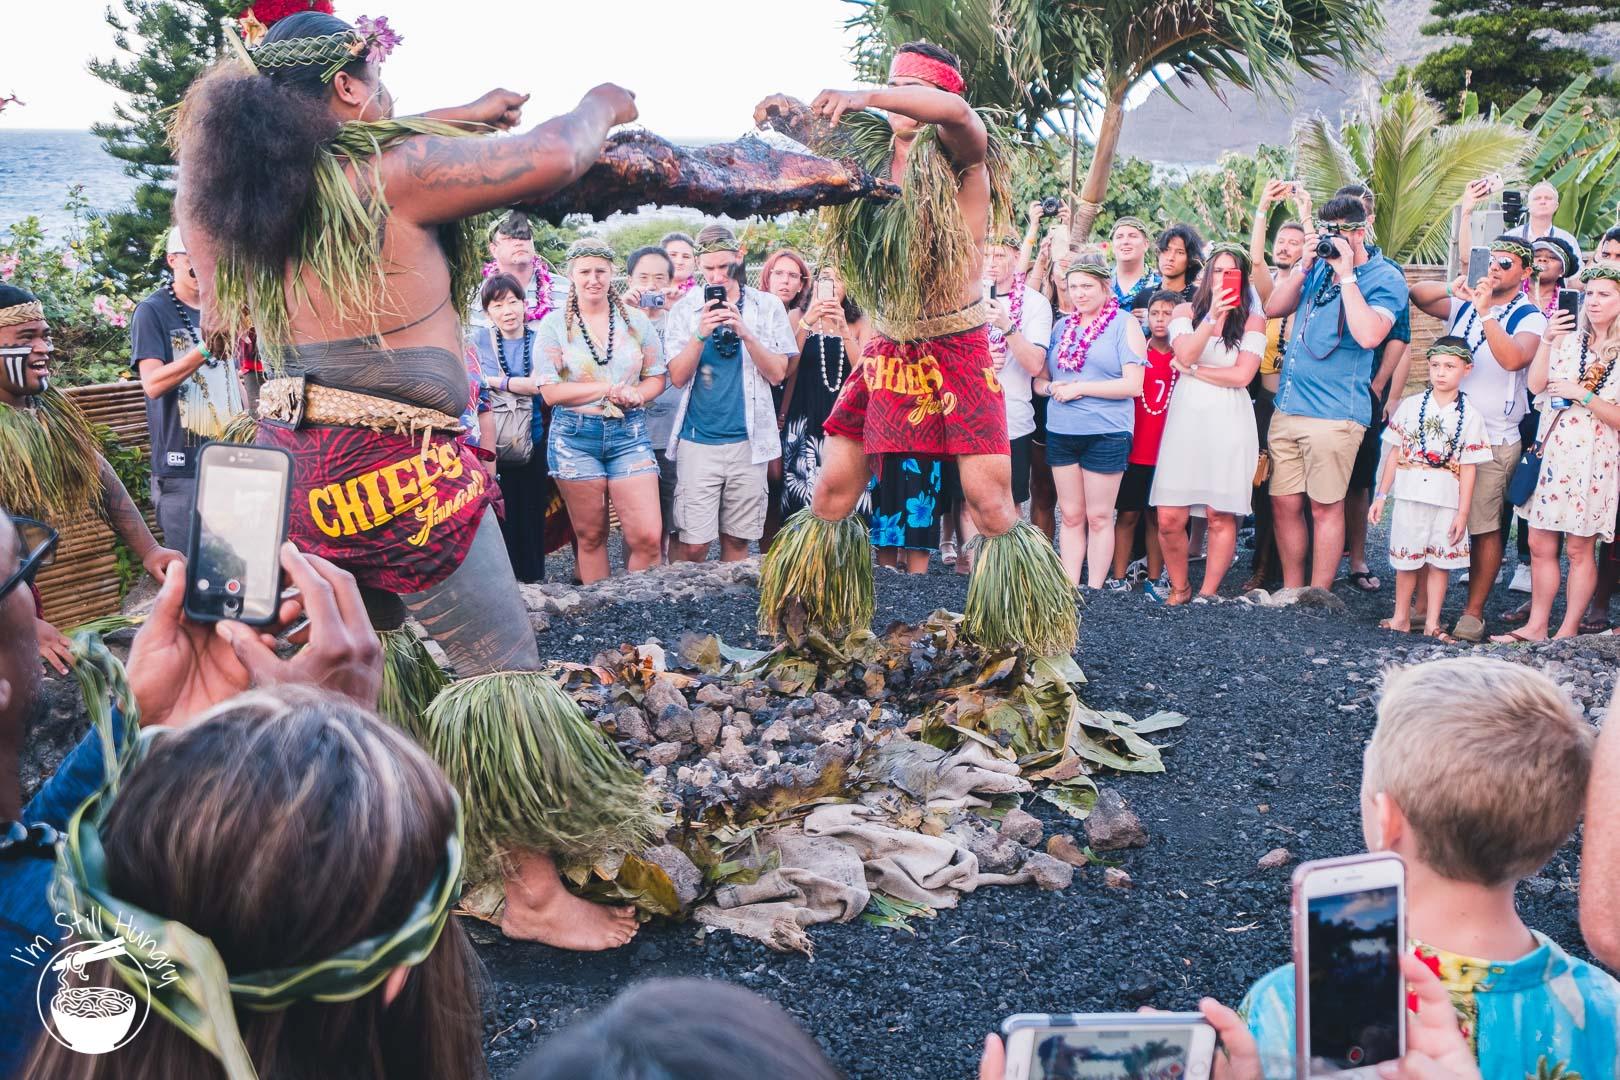 Chief's Luau Hawaii